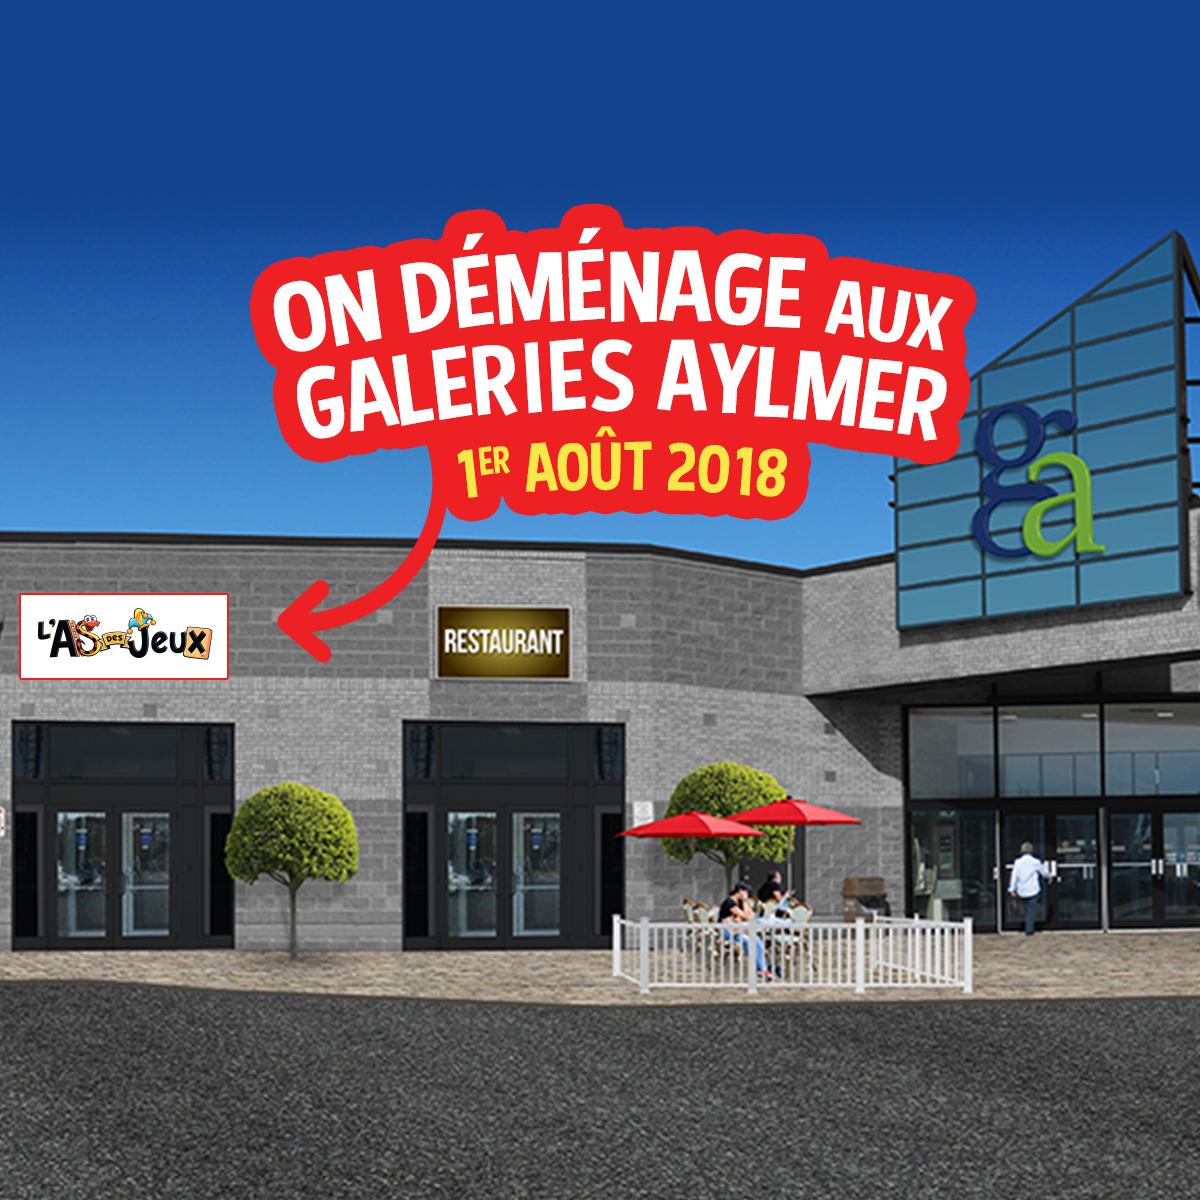 L'As des jeux Aylmer déménage aux Galeries Aylmer